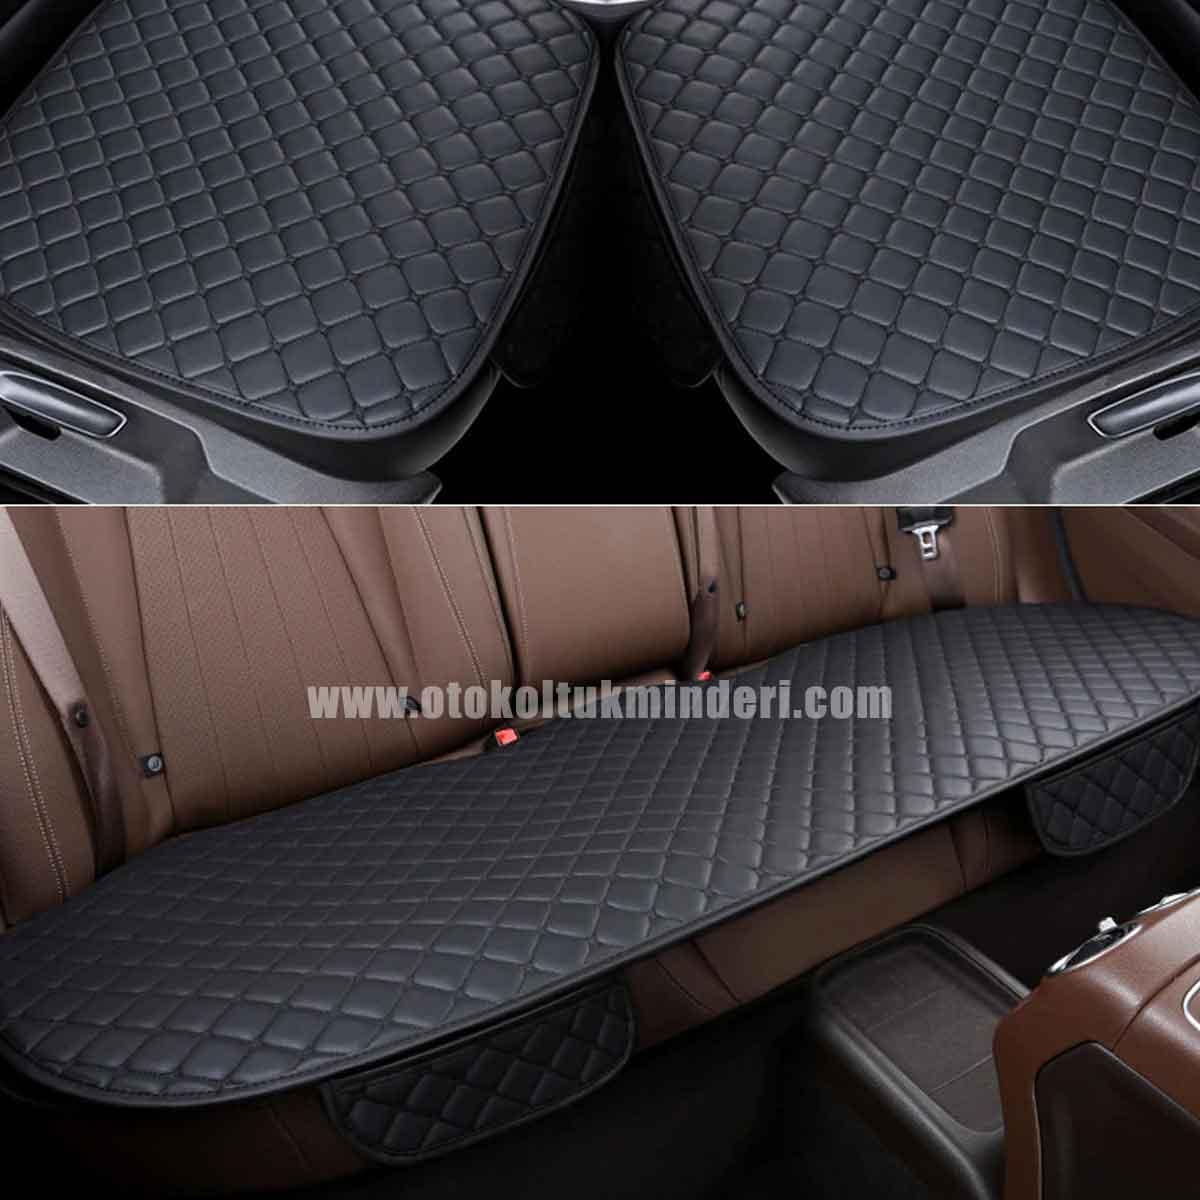 Opel koltuk kılıfı deri - Opel Koltuk minderi Siyah Deri Cepli